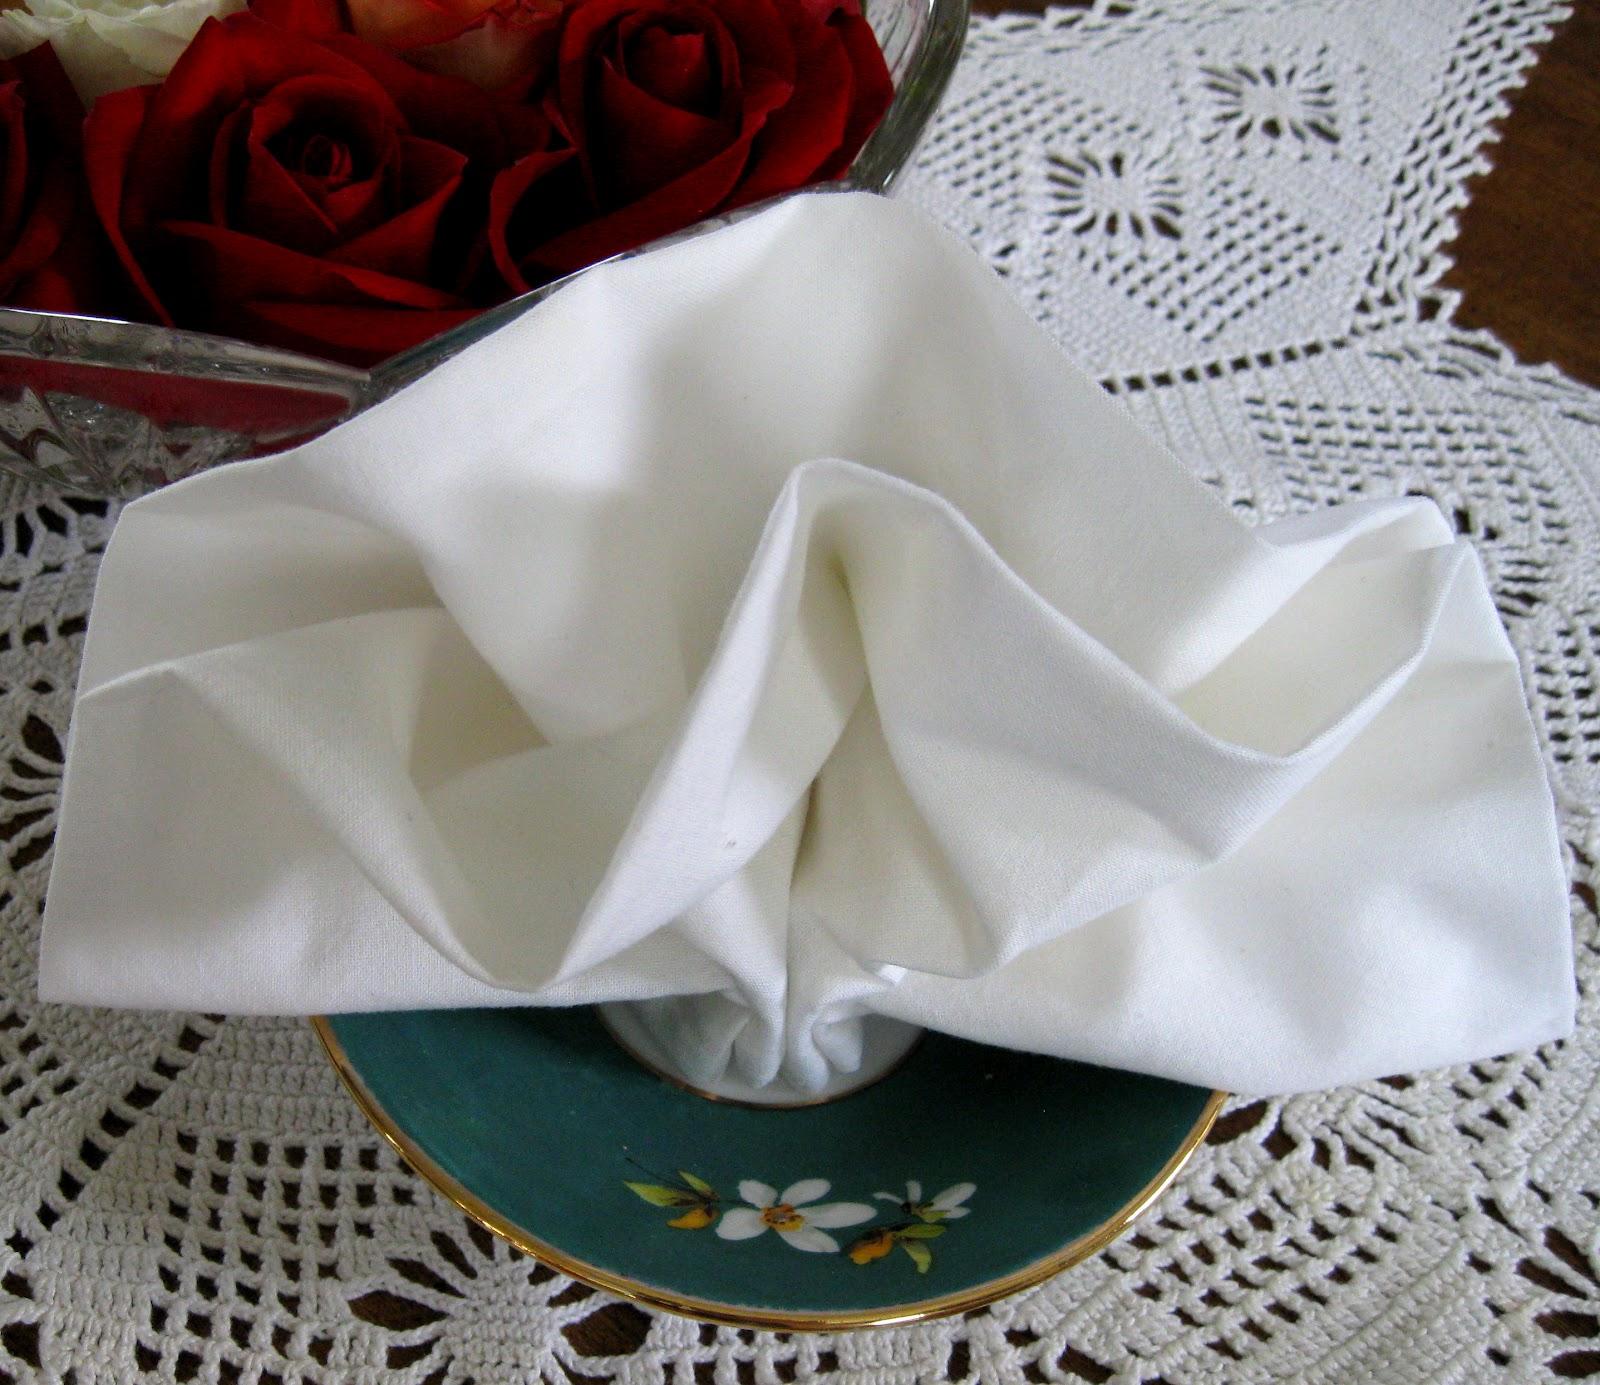 Flower Napkin Folding Gardening Flower And Vegetables